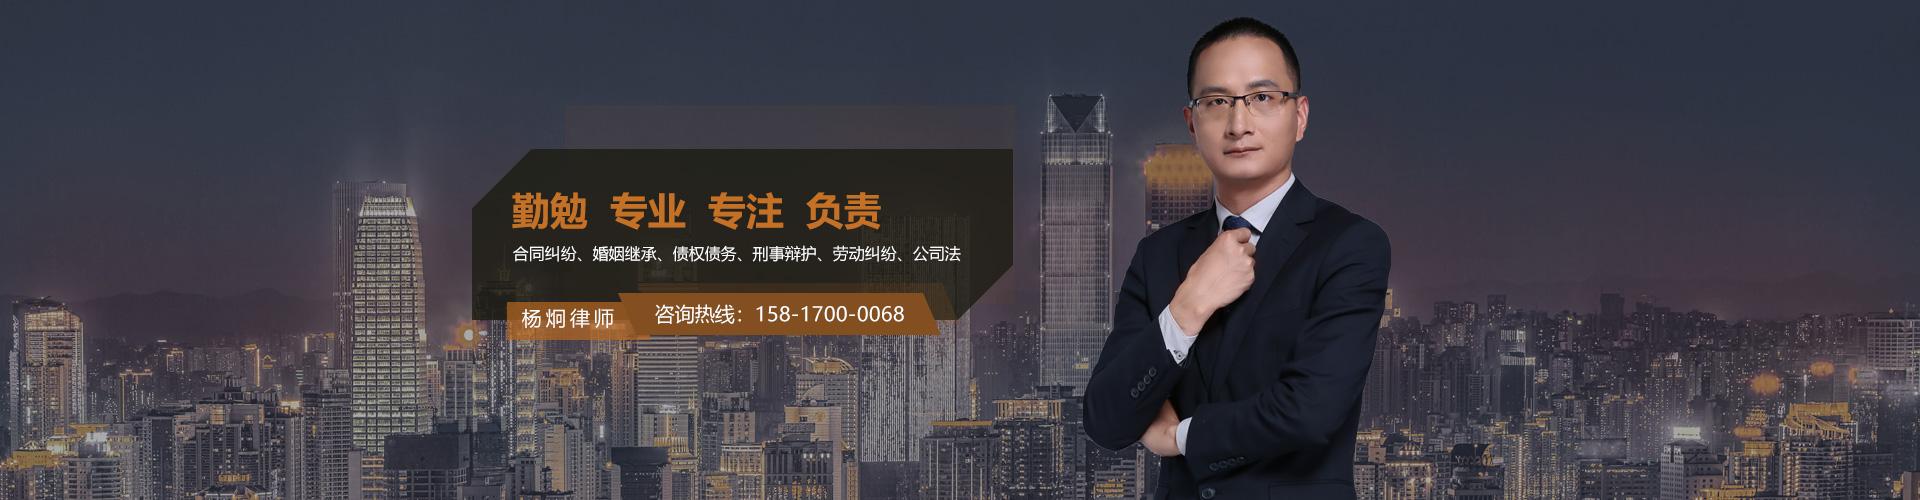 广州杨炯律师